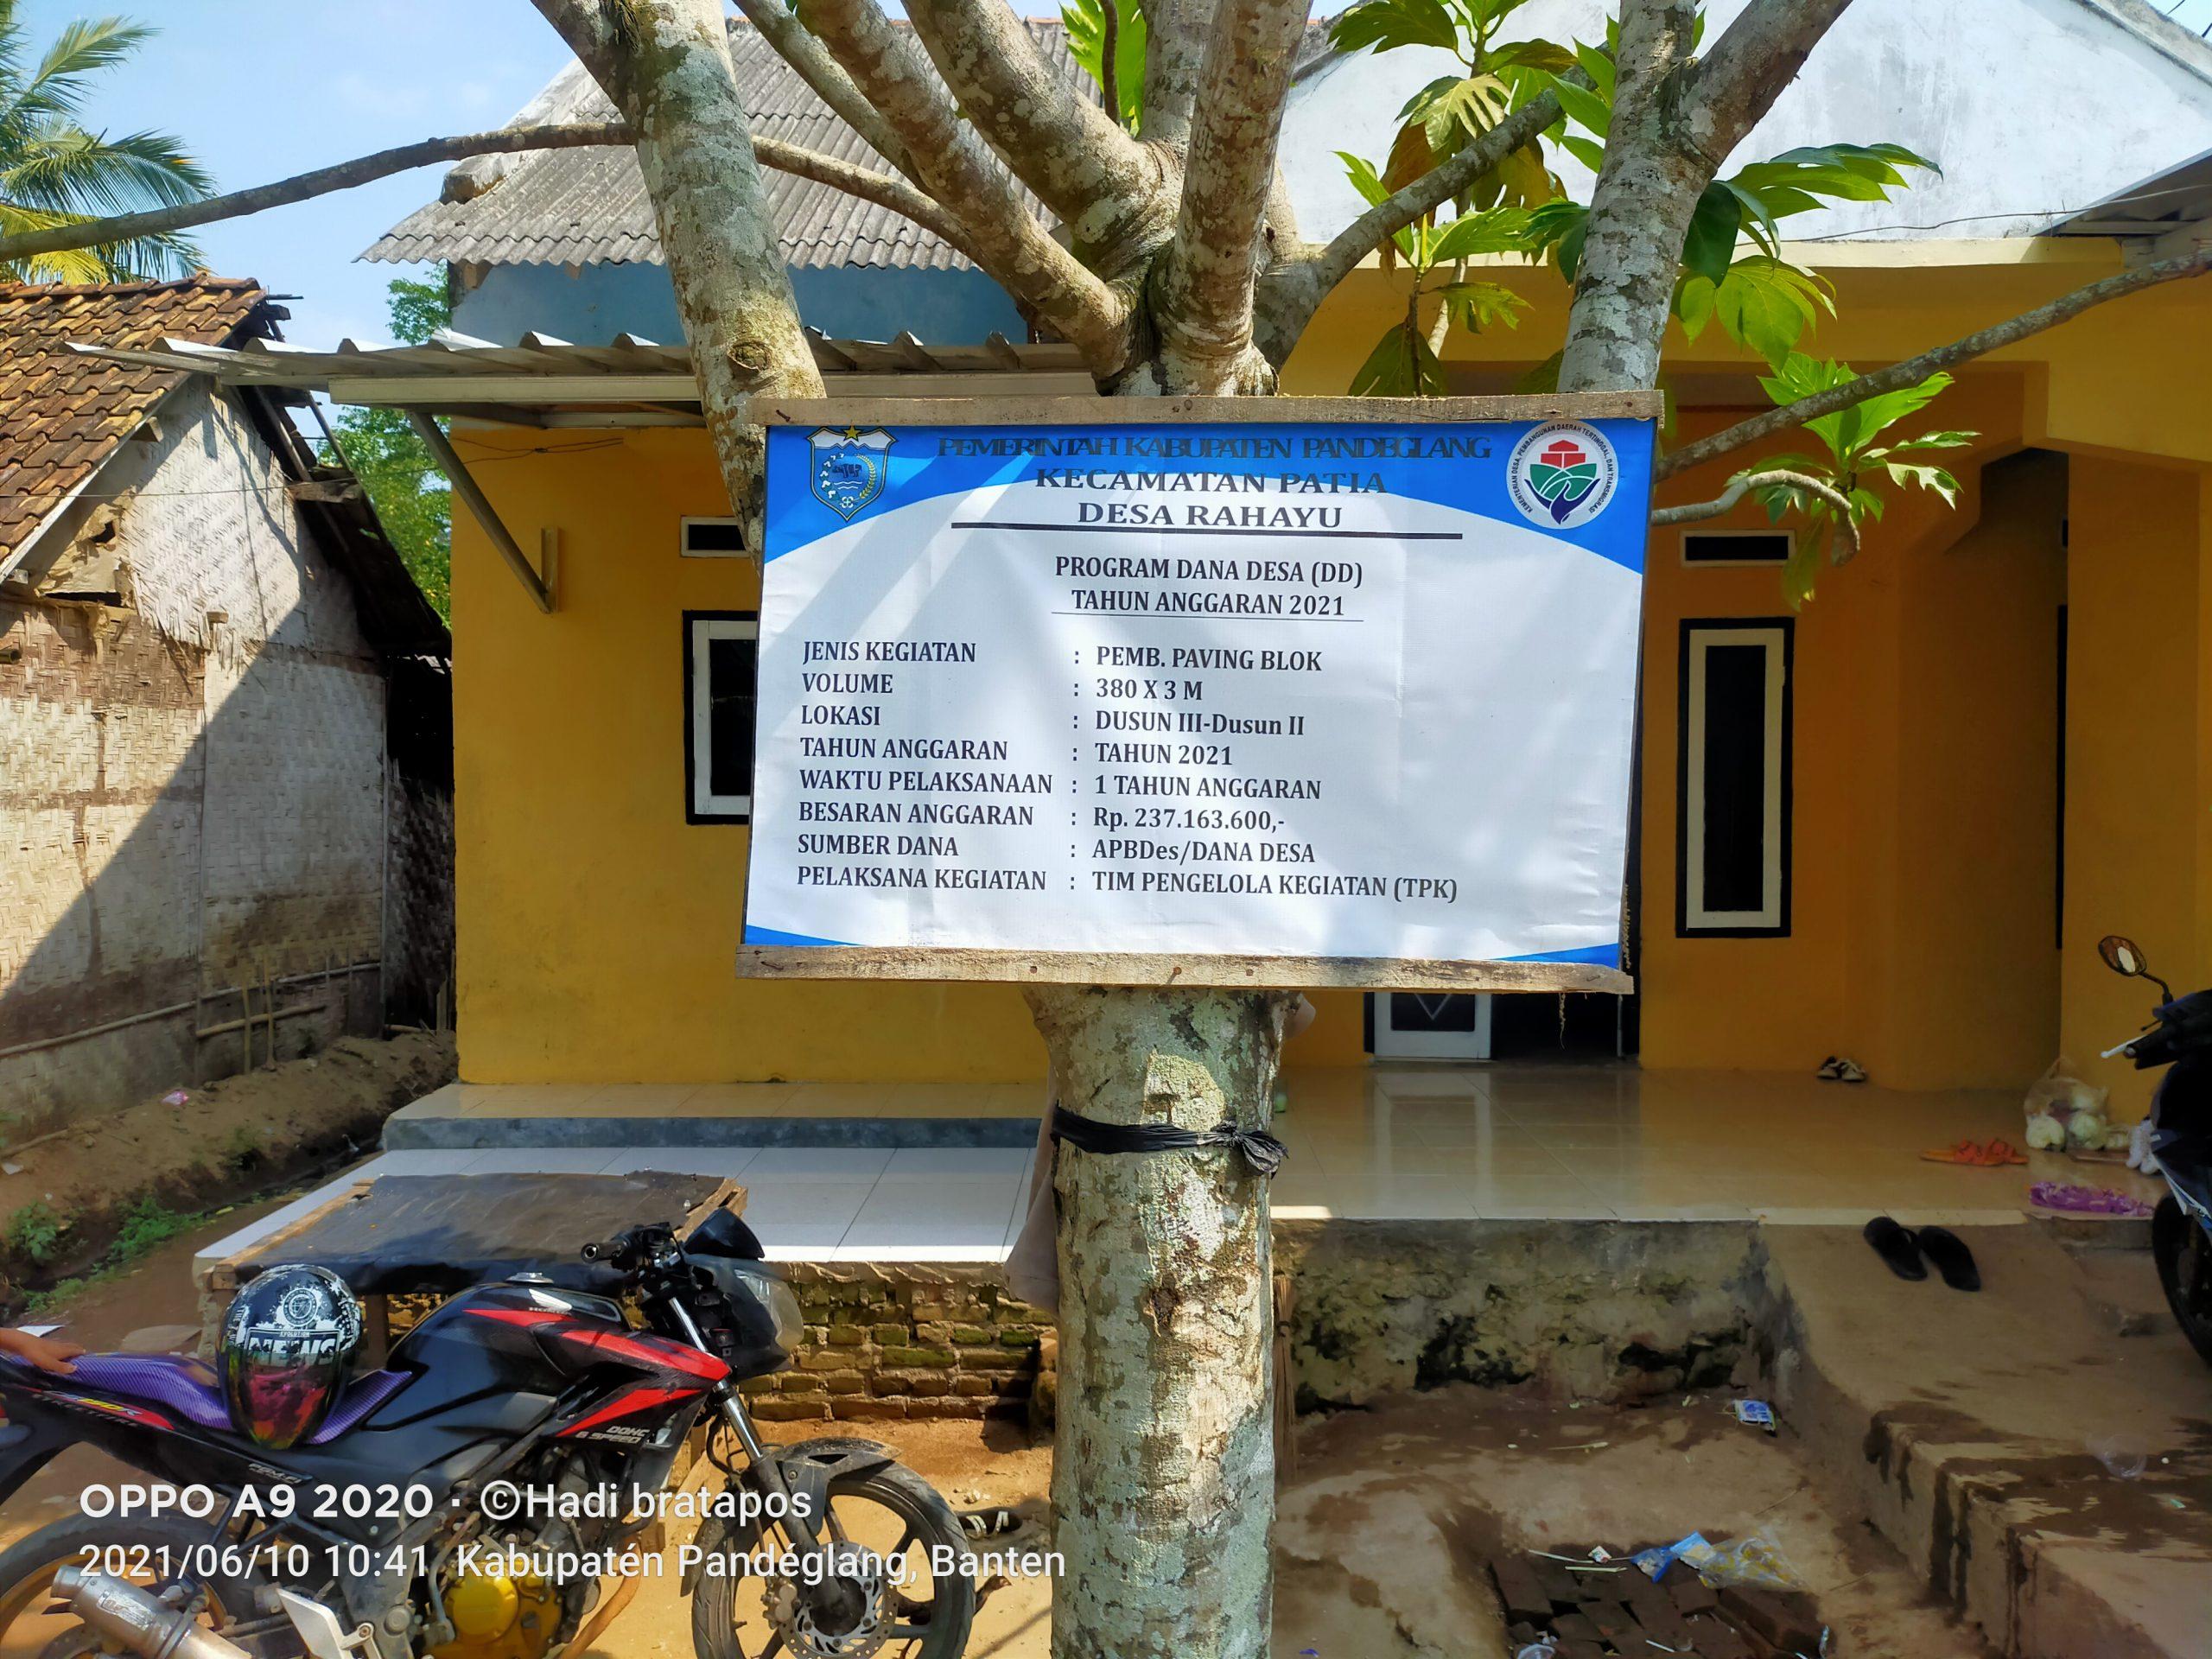 Gambar Desa Rahayu Bangun Paving Block, Warga: Kami Senang dan Sudah Terasa Manfaatnya 11